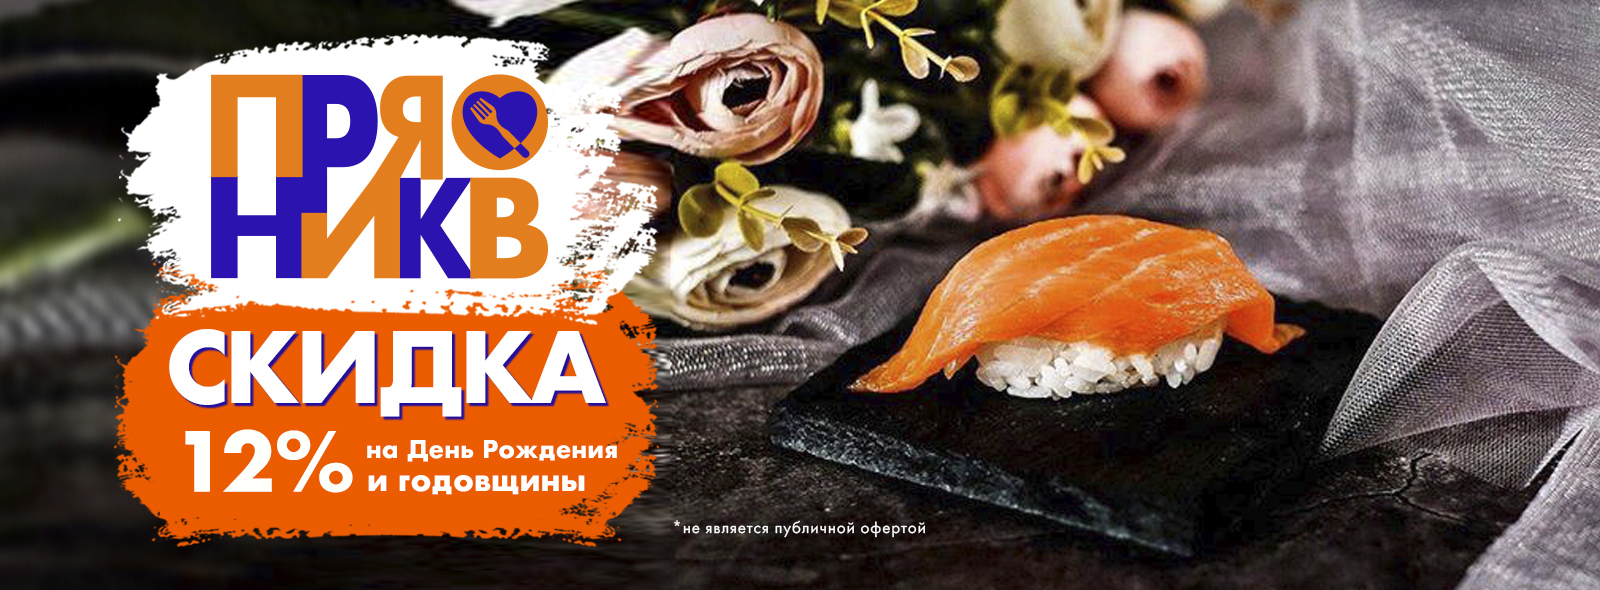 Изображение с информацией о Pryanikov